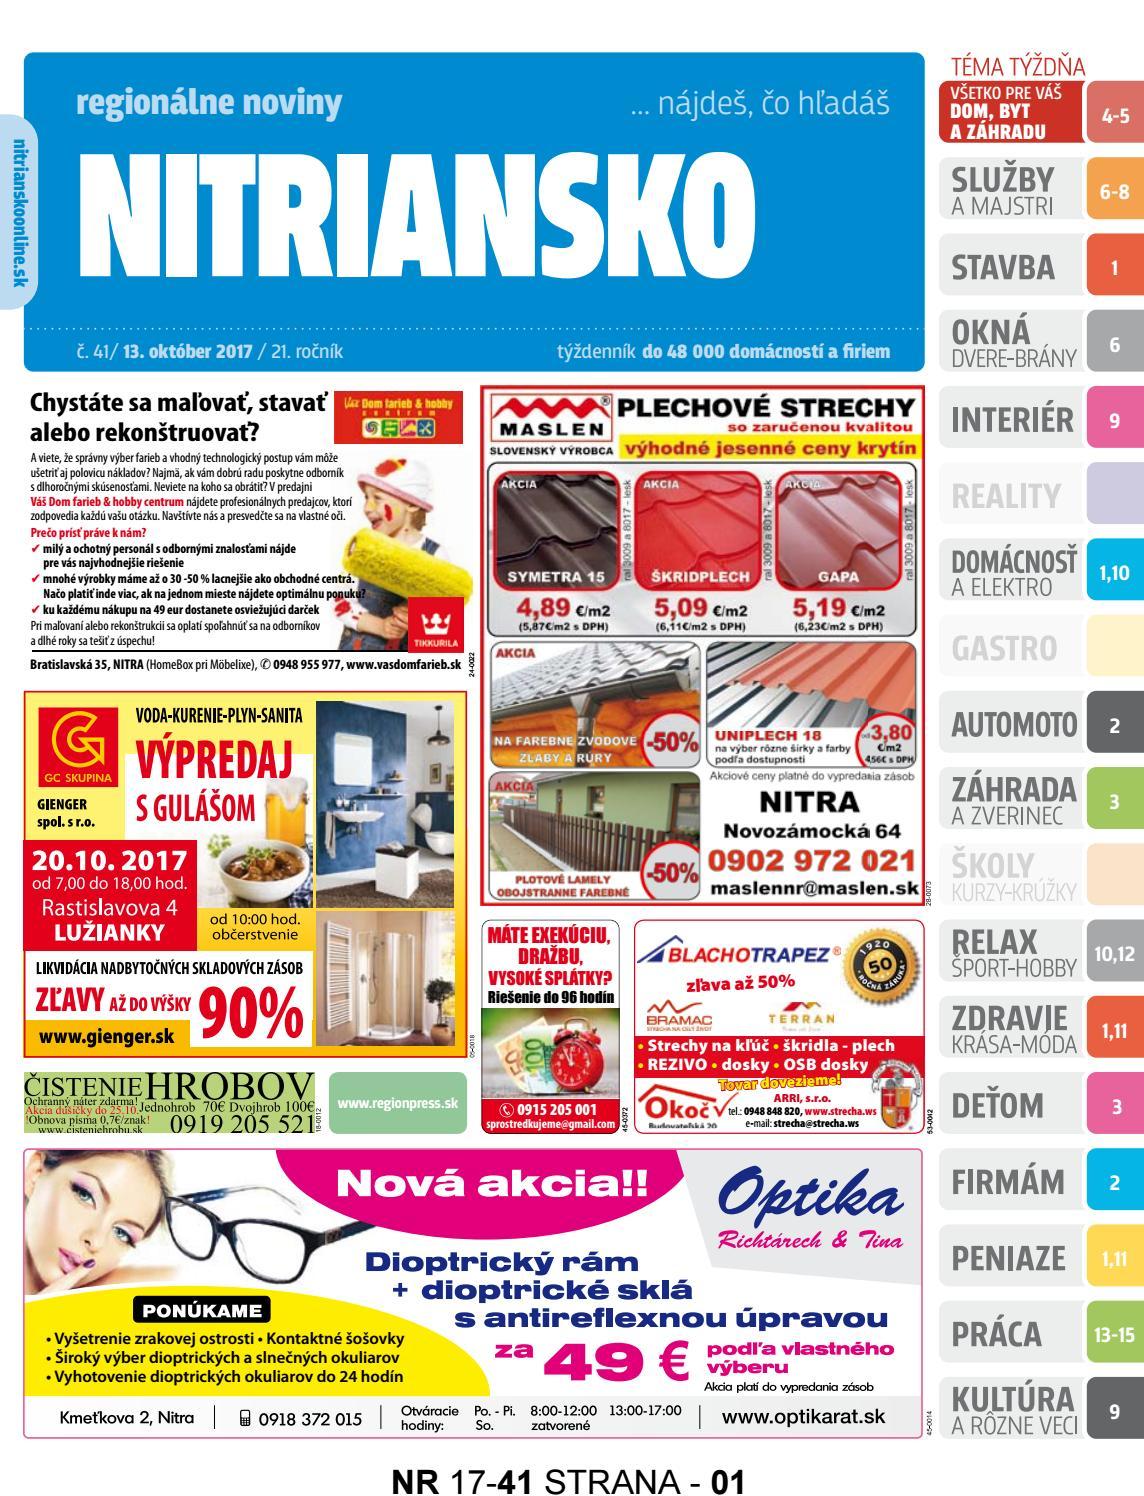 Eritrey Online Zoznamka